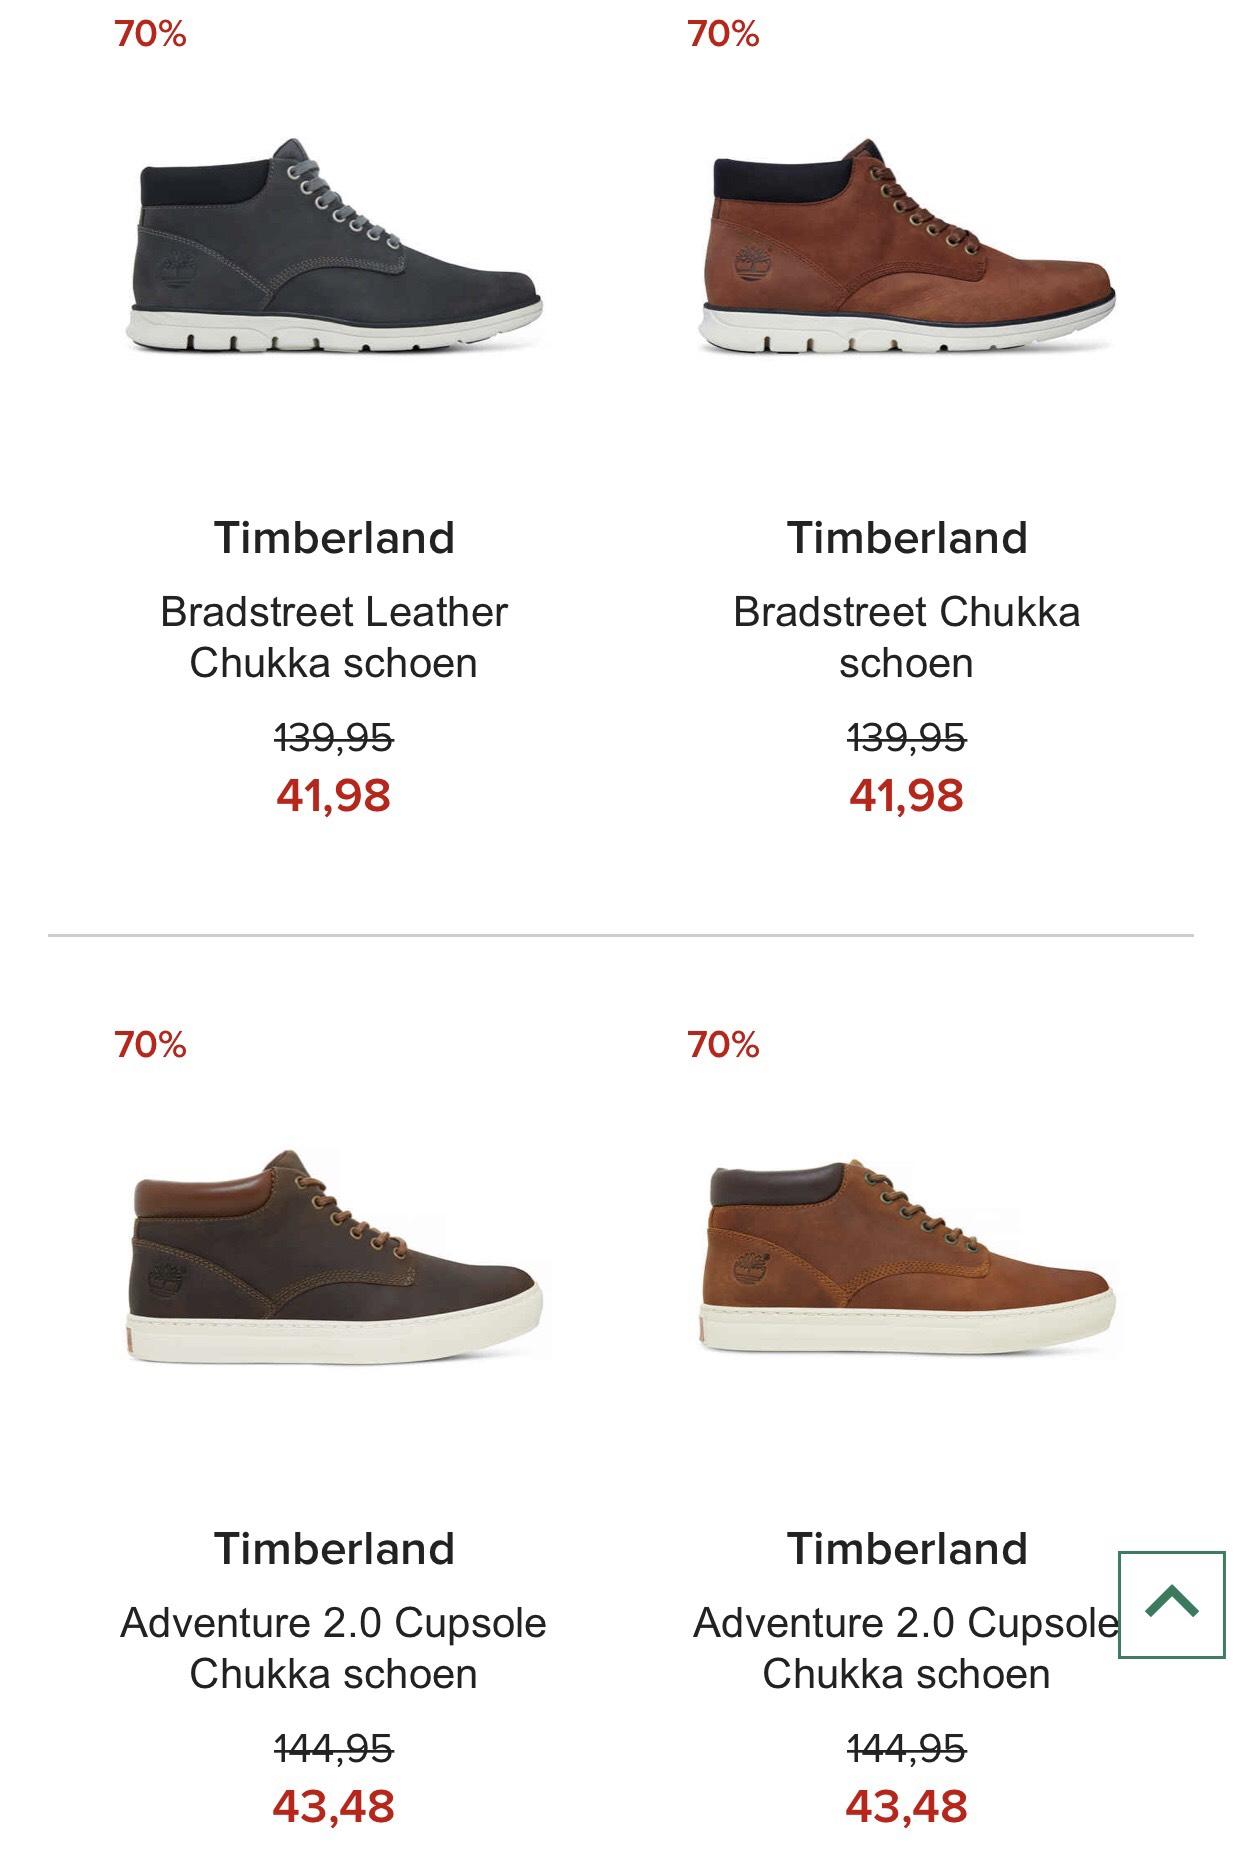 SALE -70% op deze Timberland sneakers (enkele maten) @ Hudson's Bay